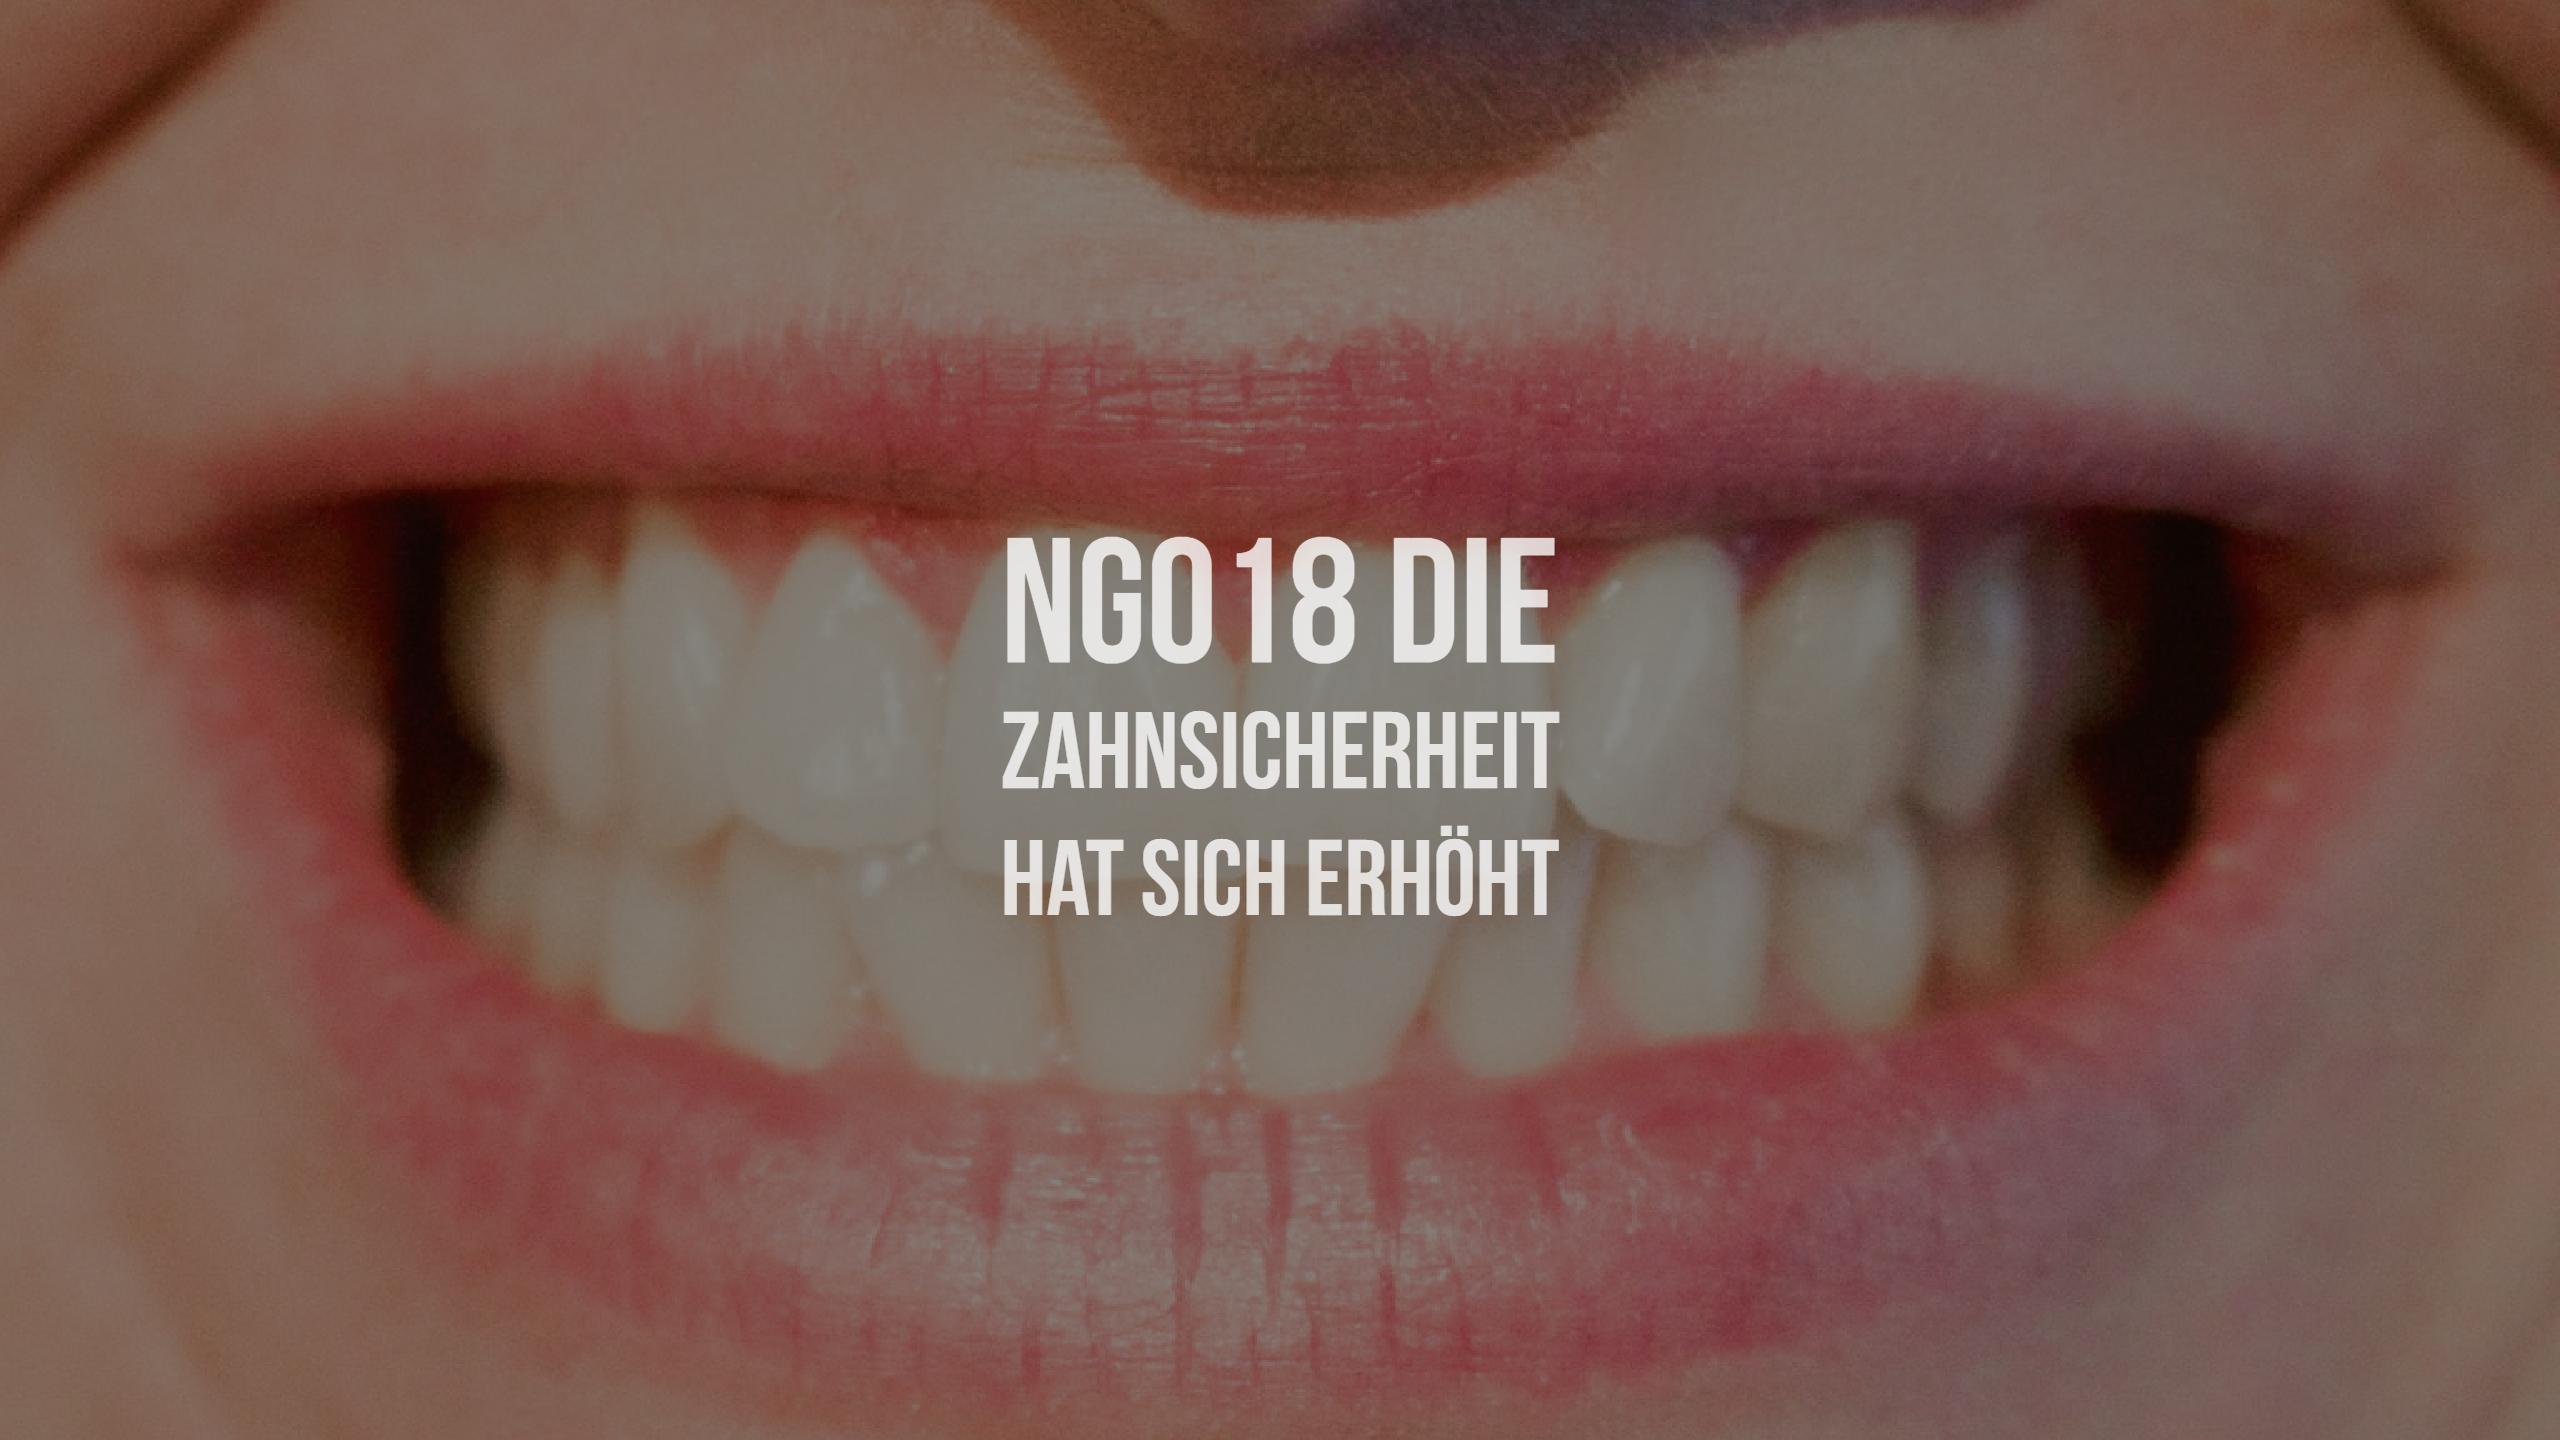 NG018 Die Zahnsicherheit hat sich erhöht